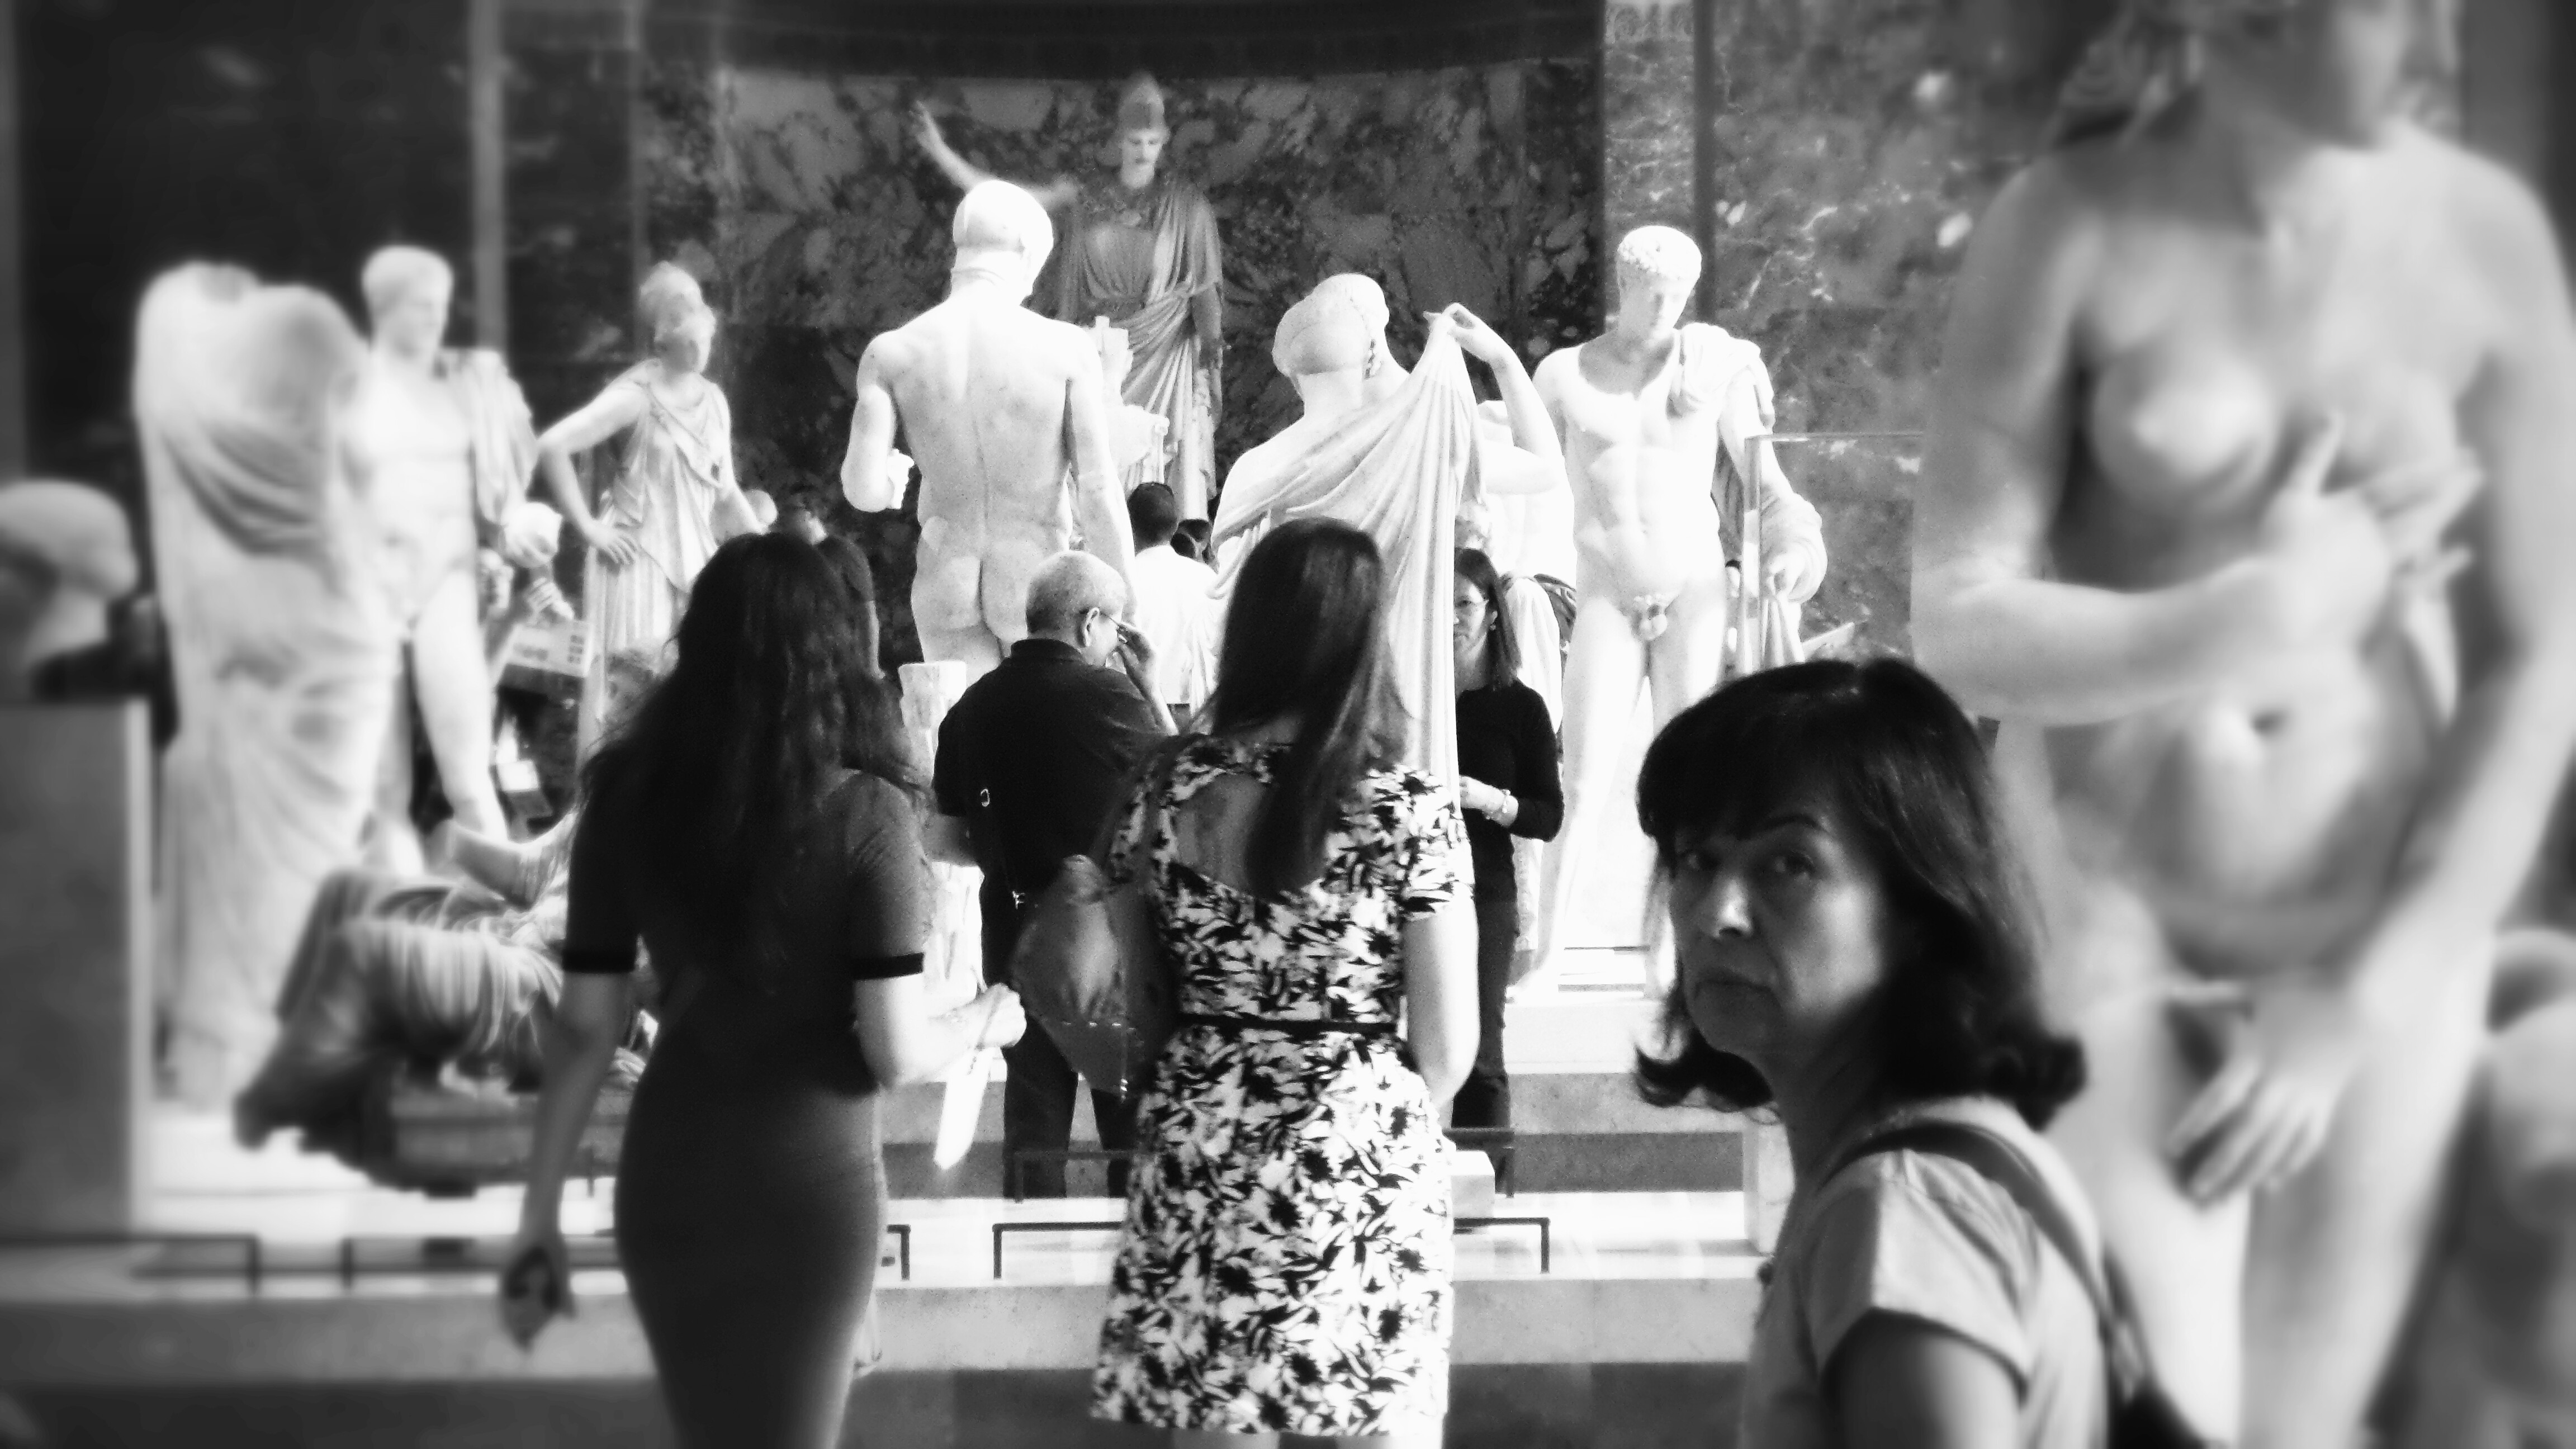 Flickr - Louvre glances